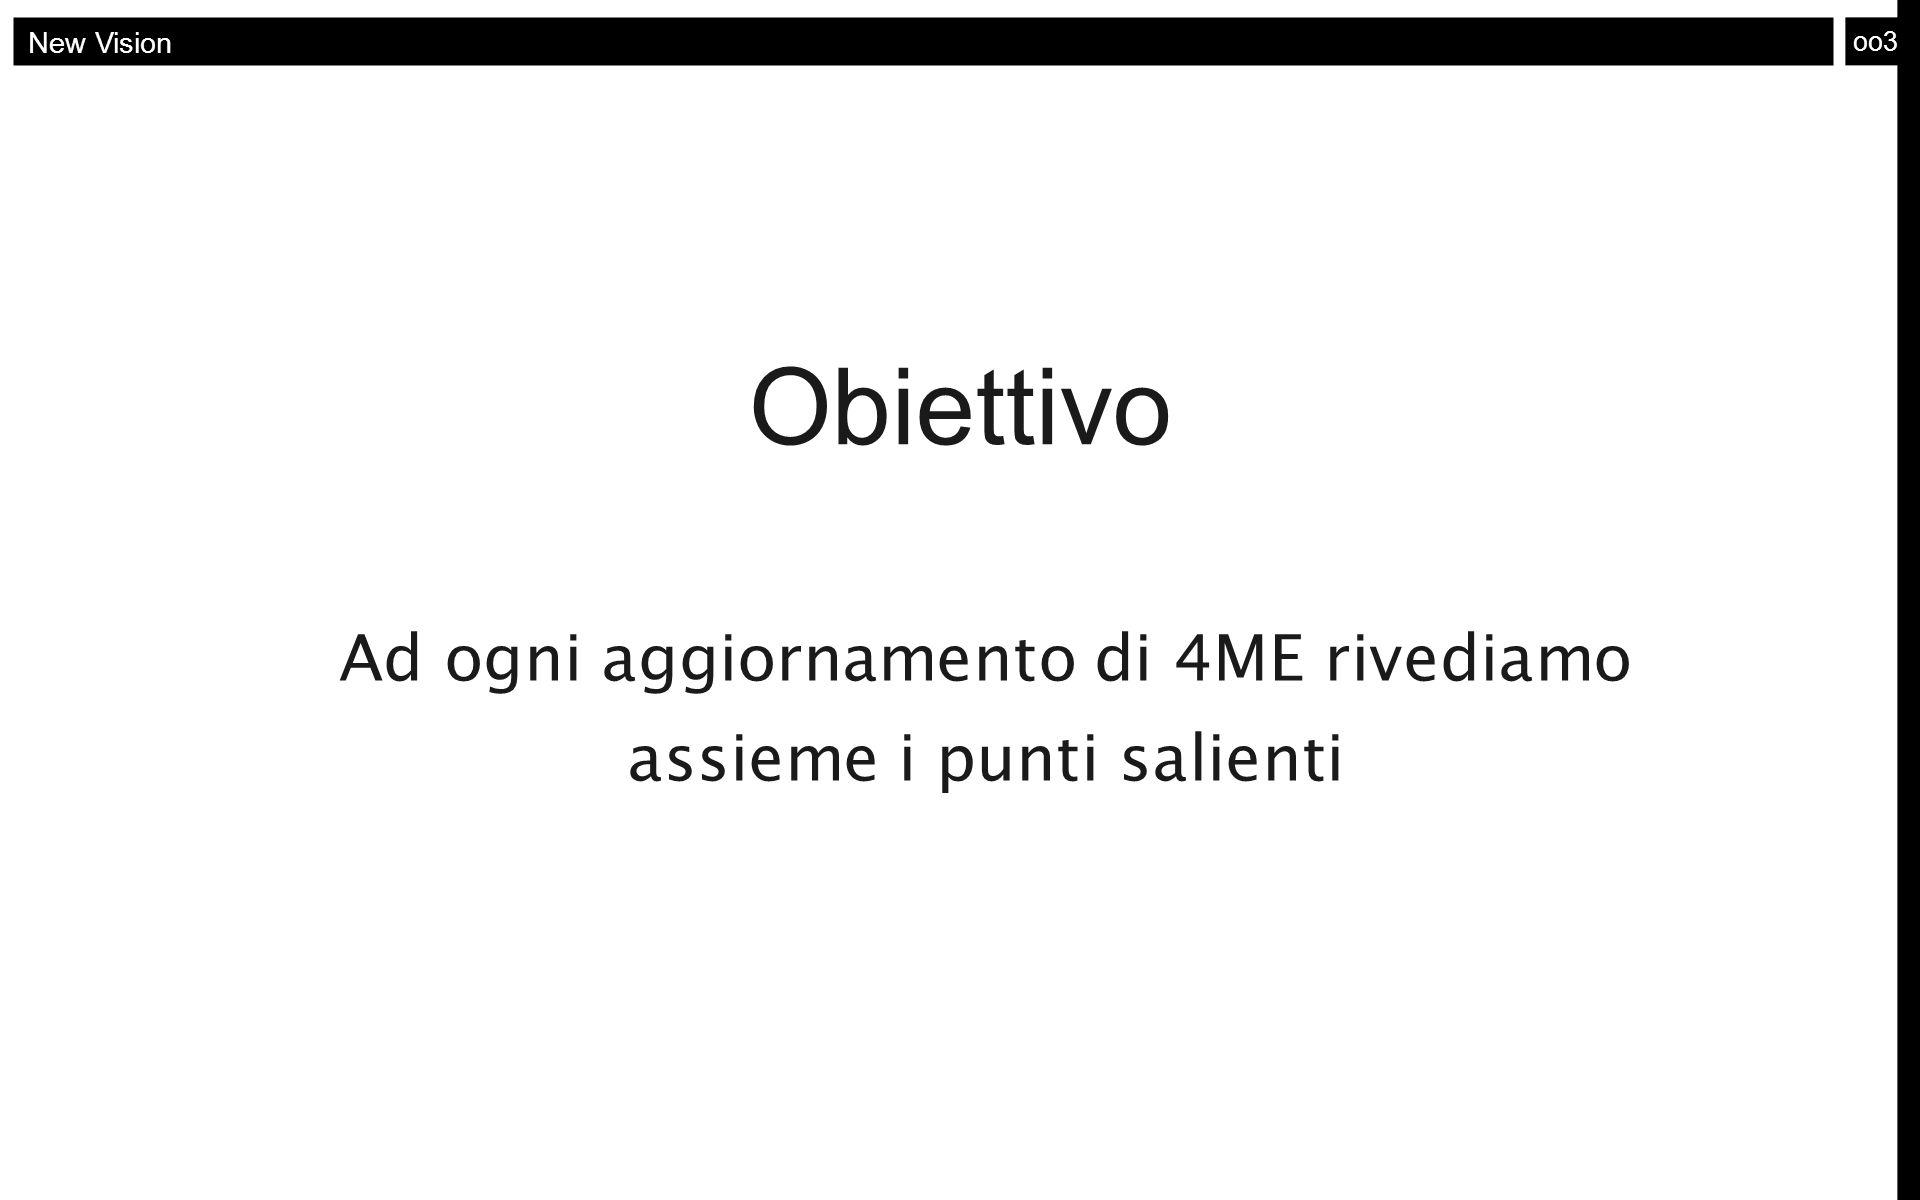 oo3 New Vision Obiettivo Ad ogni aggiornamento di 4ME rivediamo assieme i punti salienti